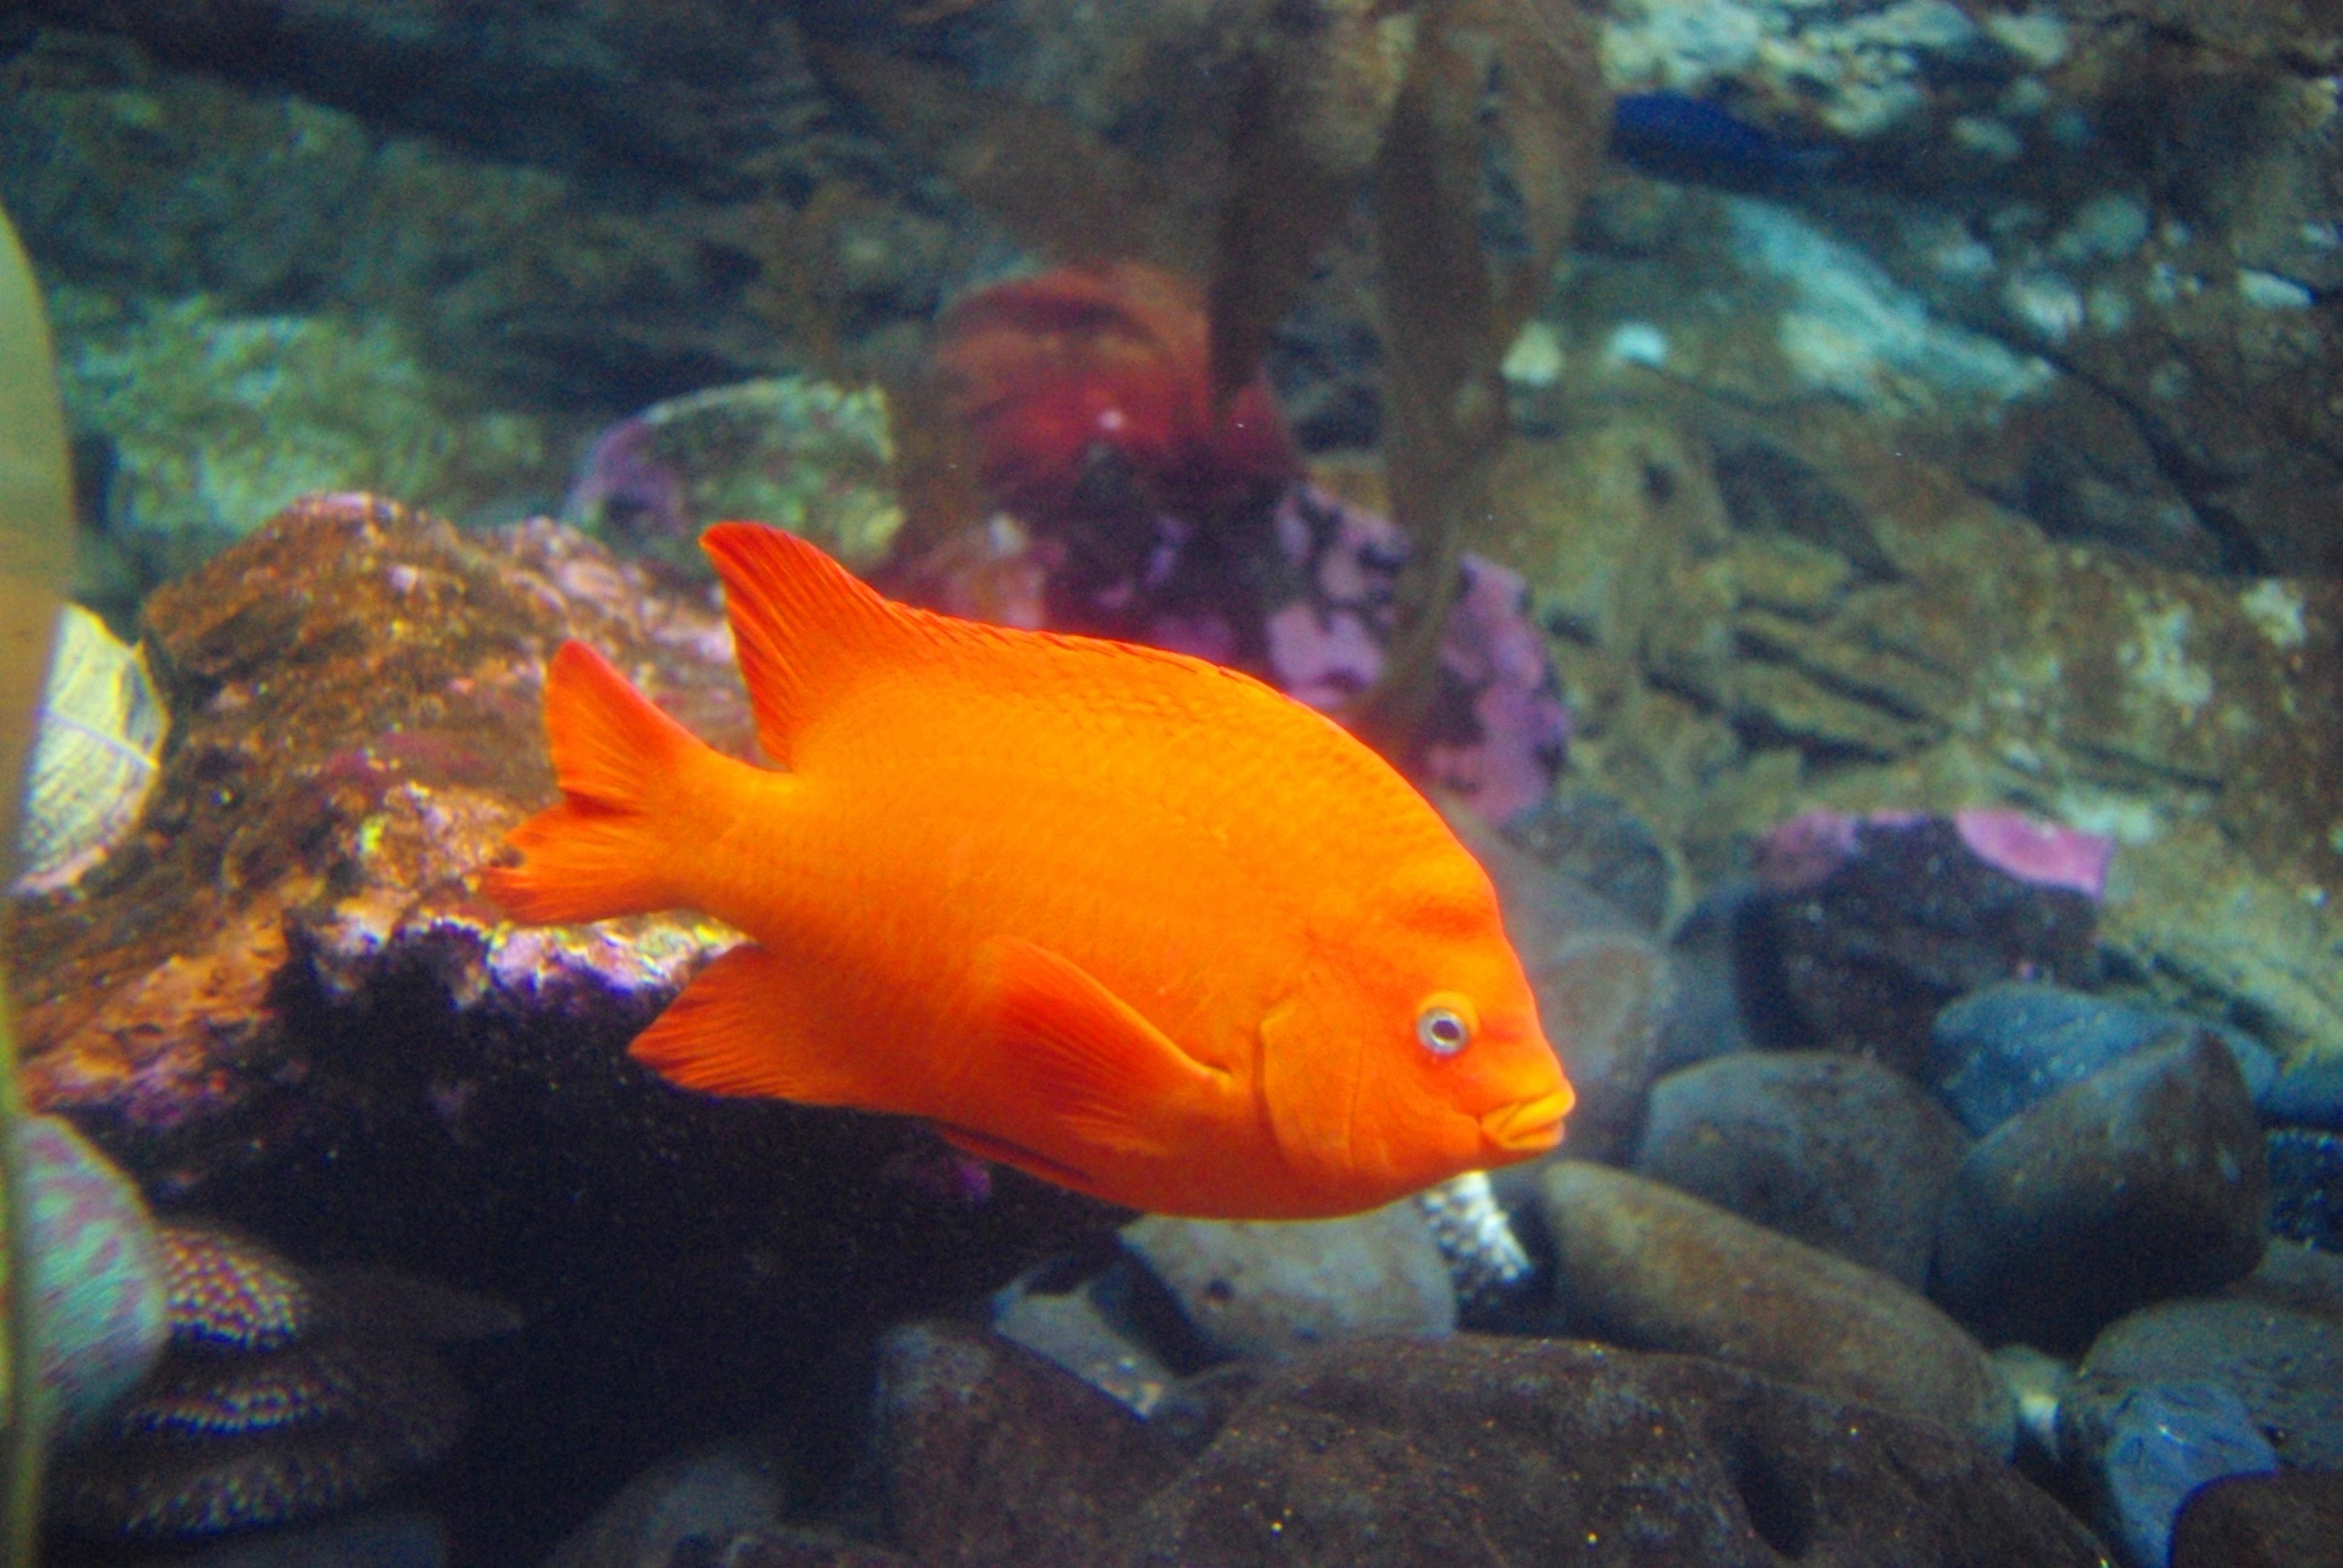 Fische – Wirbeltiere im Wasser